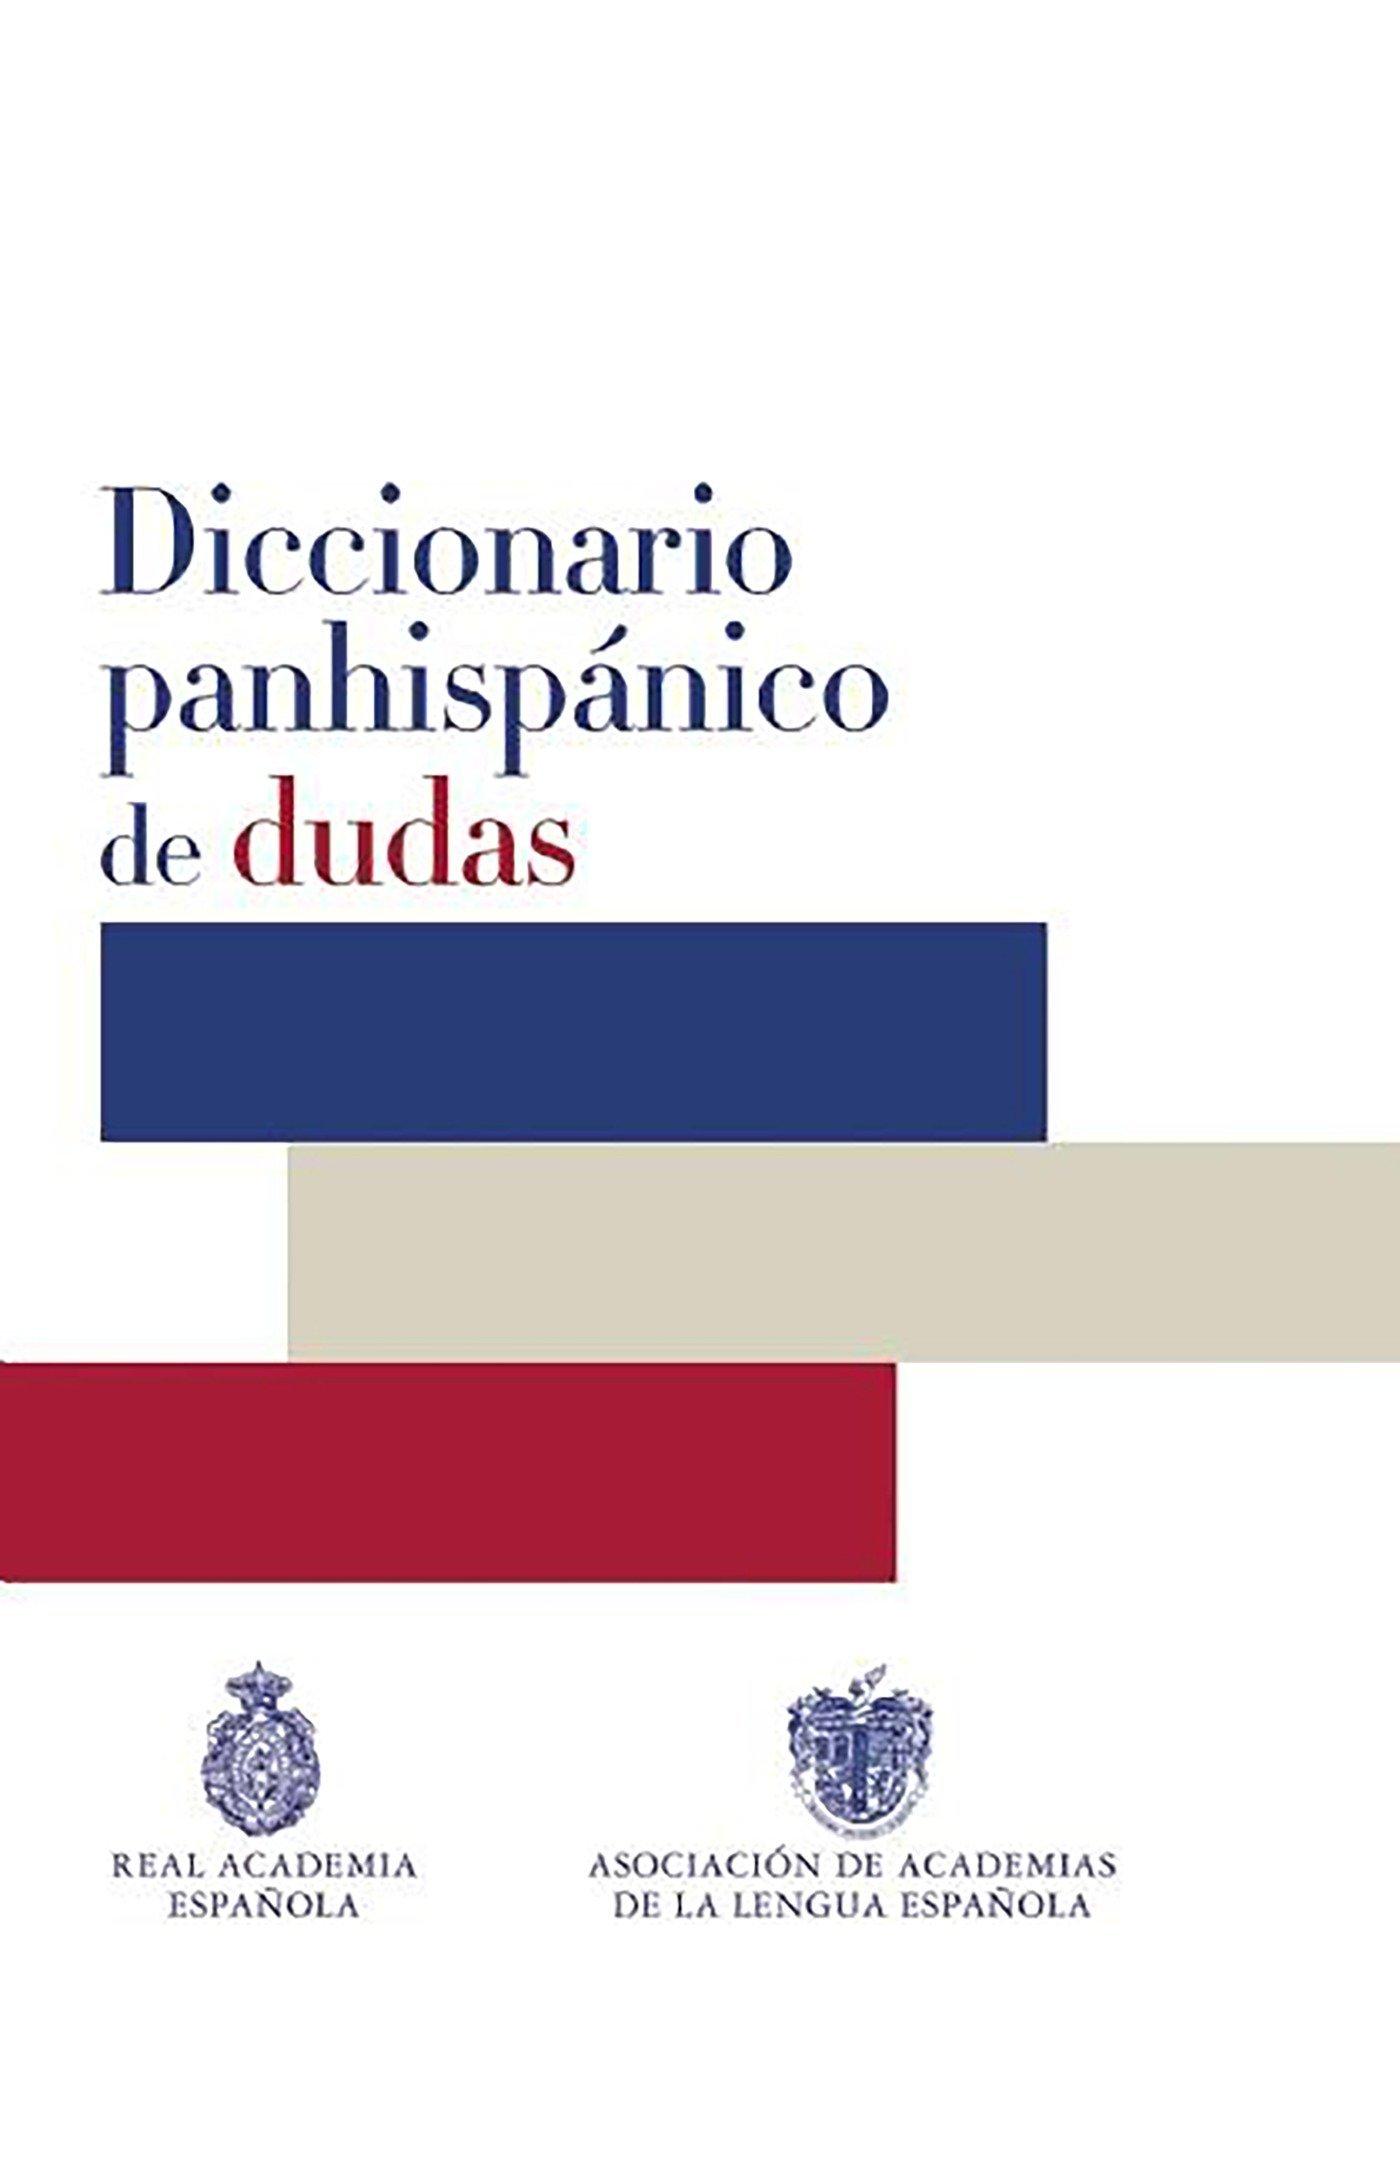 Diccionario Panhispánico de dudas Real Academia Española - Diccionarios que tienes que tnner